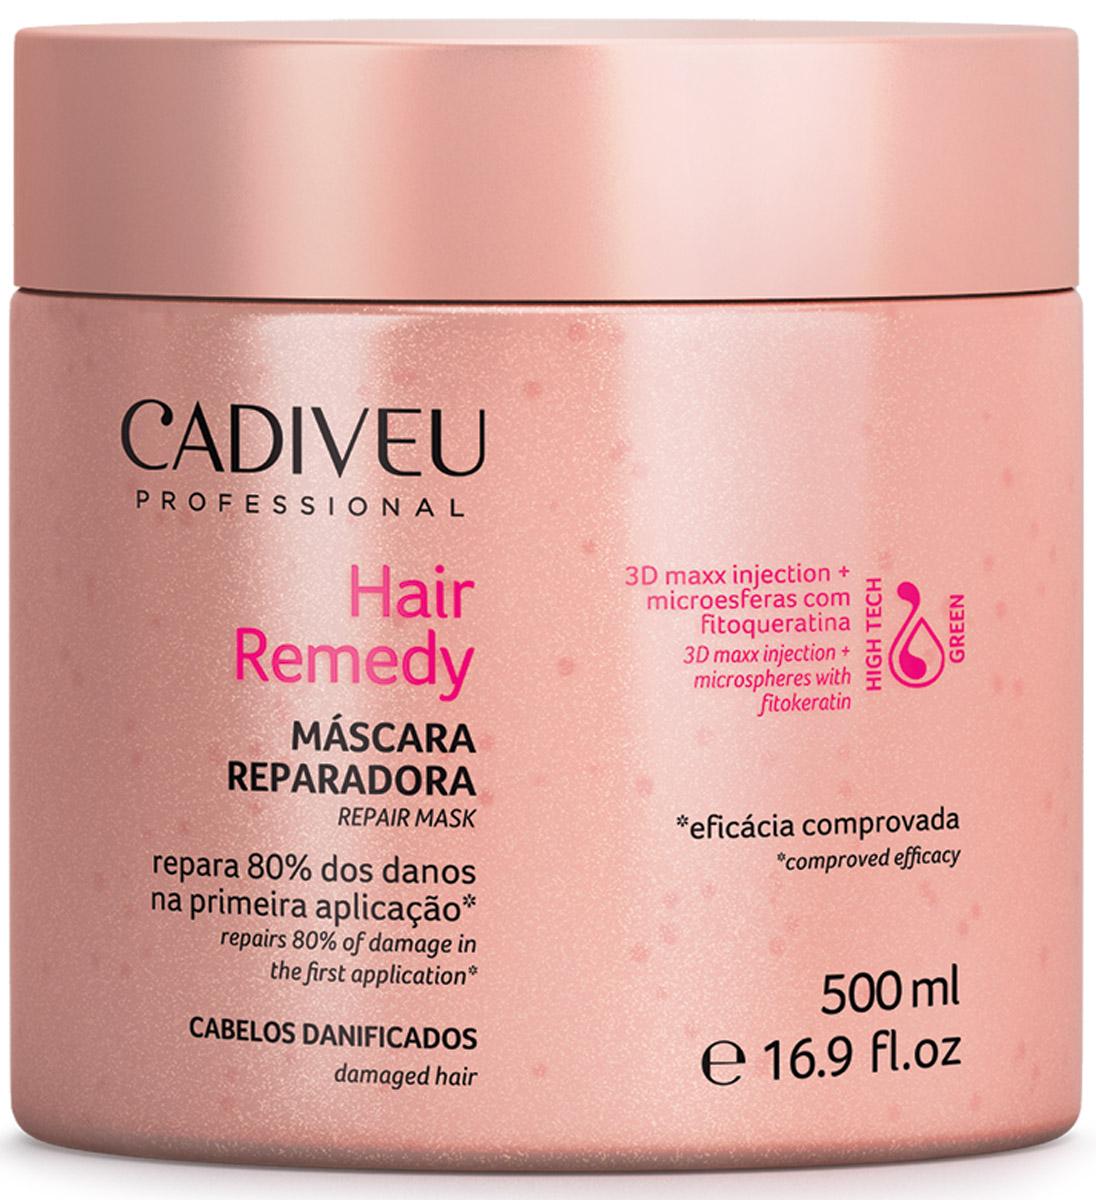 Cadiveu Маска Hair Remedy, 500 мл32616Восстанавливающая маска -богата микрокапсулами с фитокератином, которые воздействуют на кортекс волоса, позволяя восстановить их на 97% с первого применения. Интенсивно питает и запечатывает кутикулу волоса, снижая пористость.